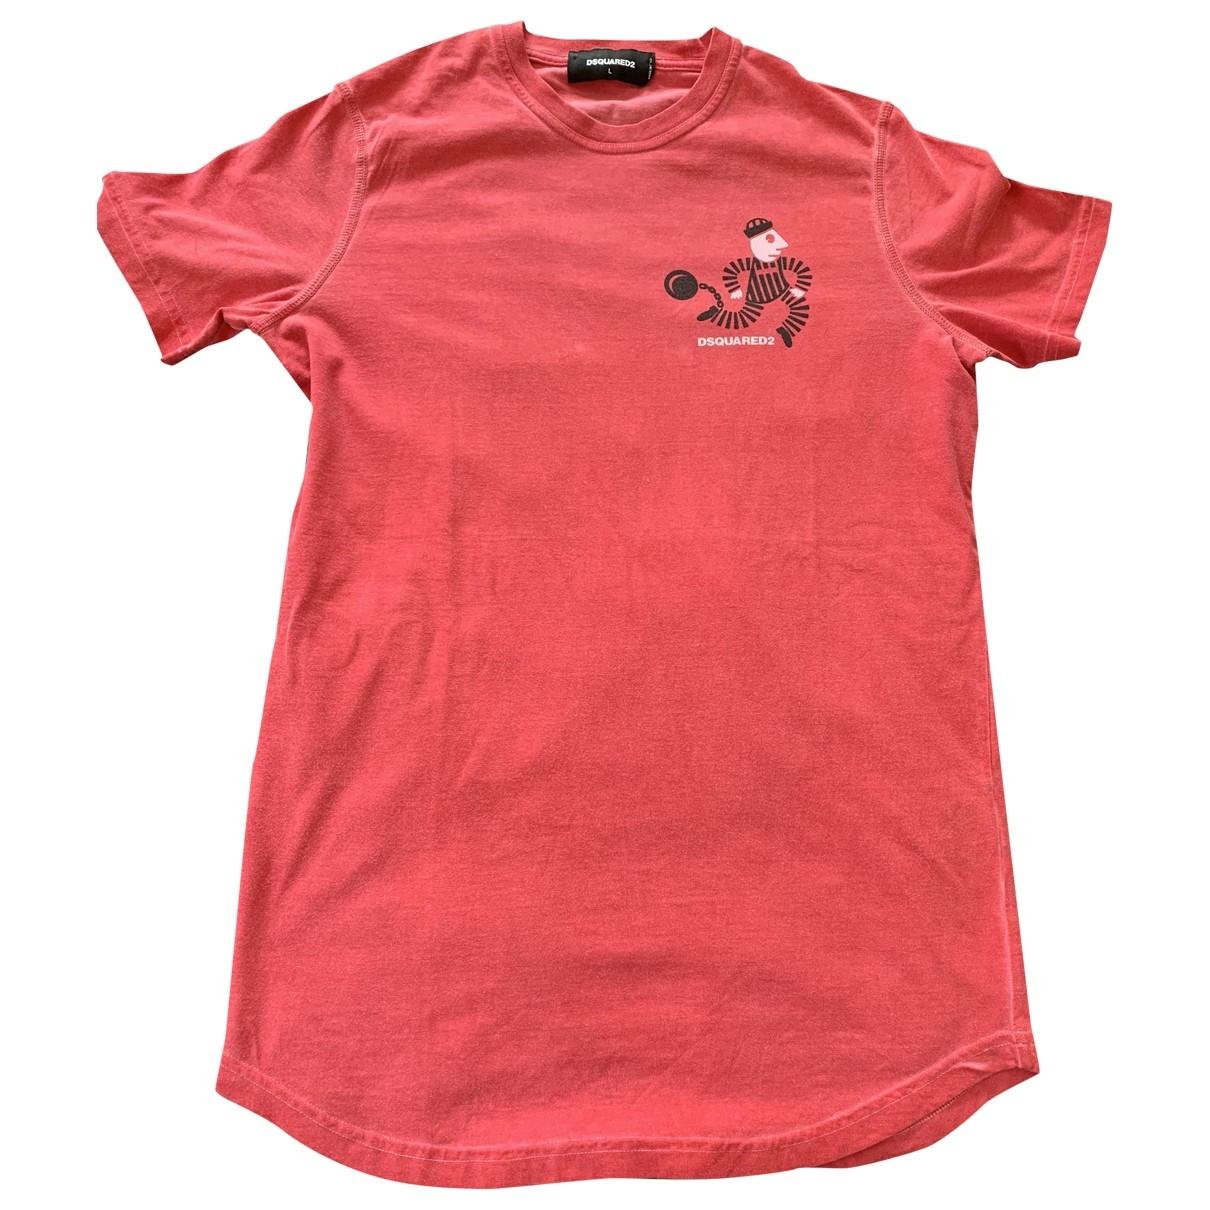 Dsquared2 - Tee shirts   pour homme en coton - orange